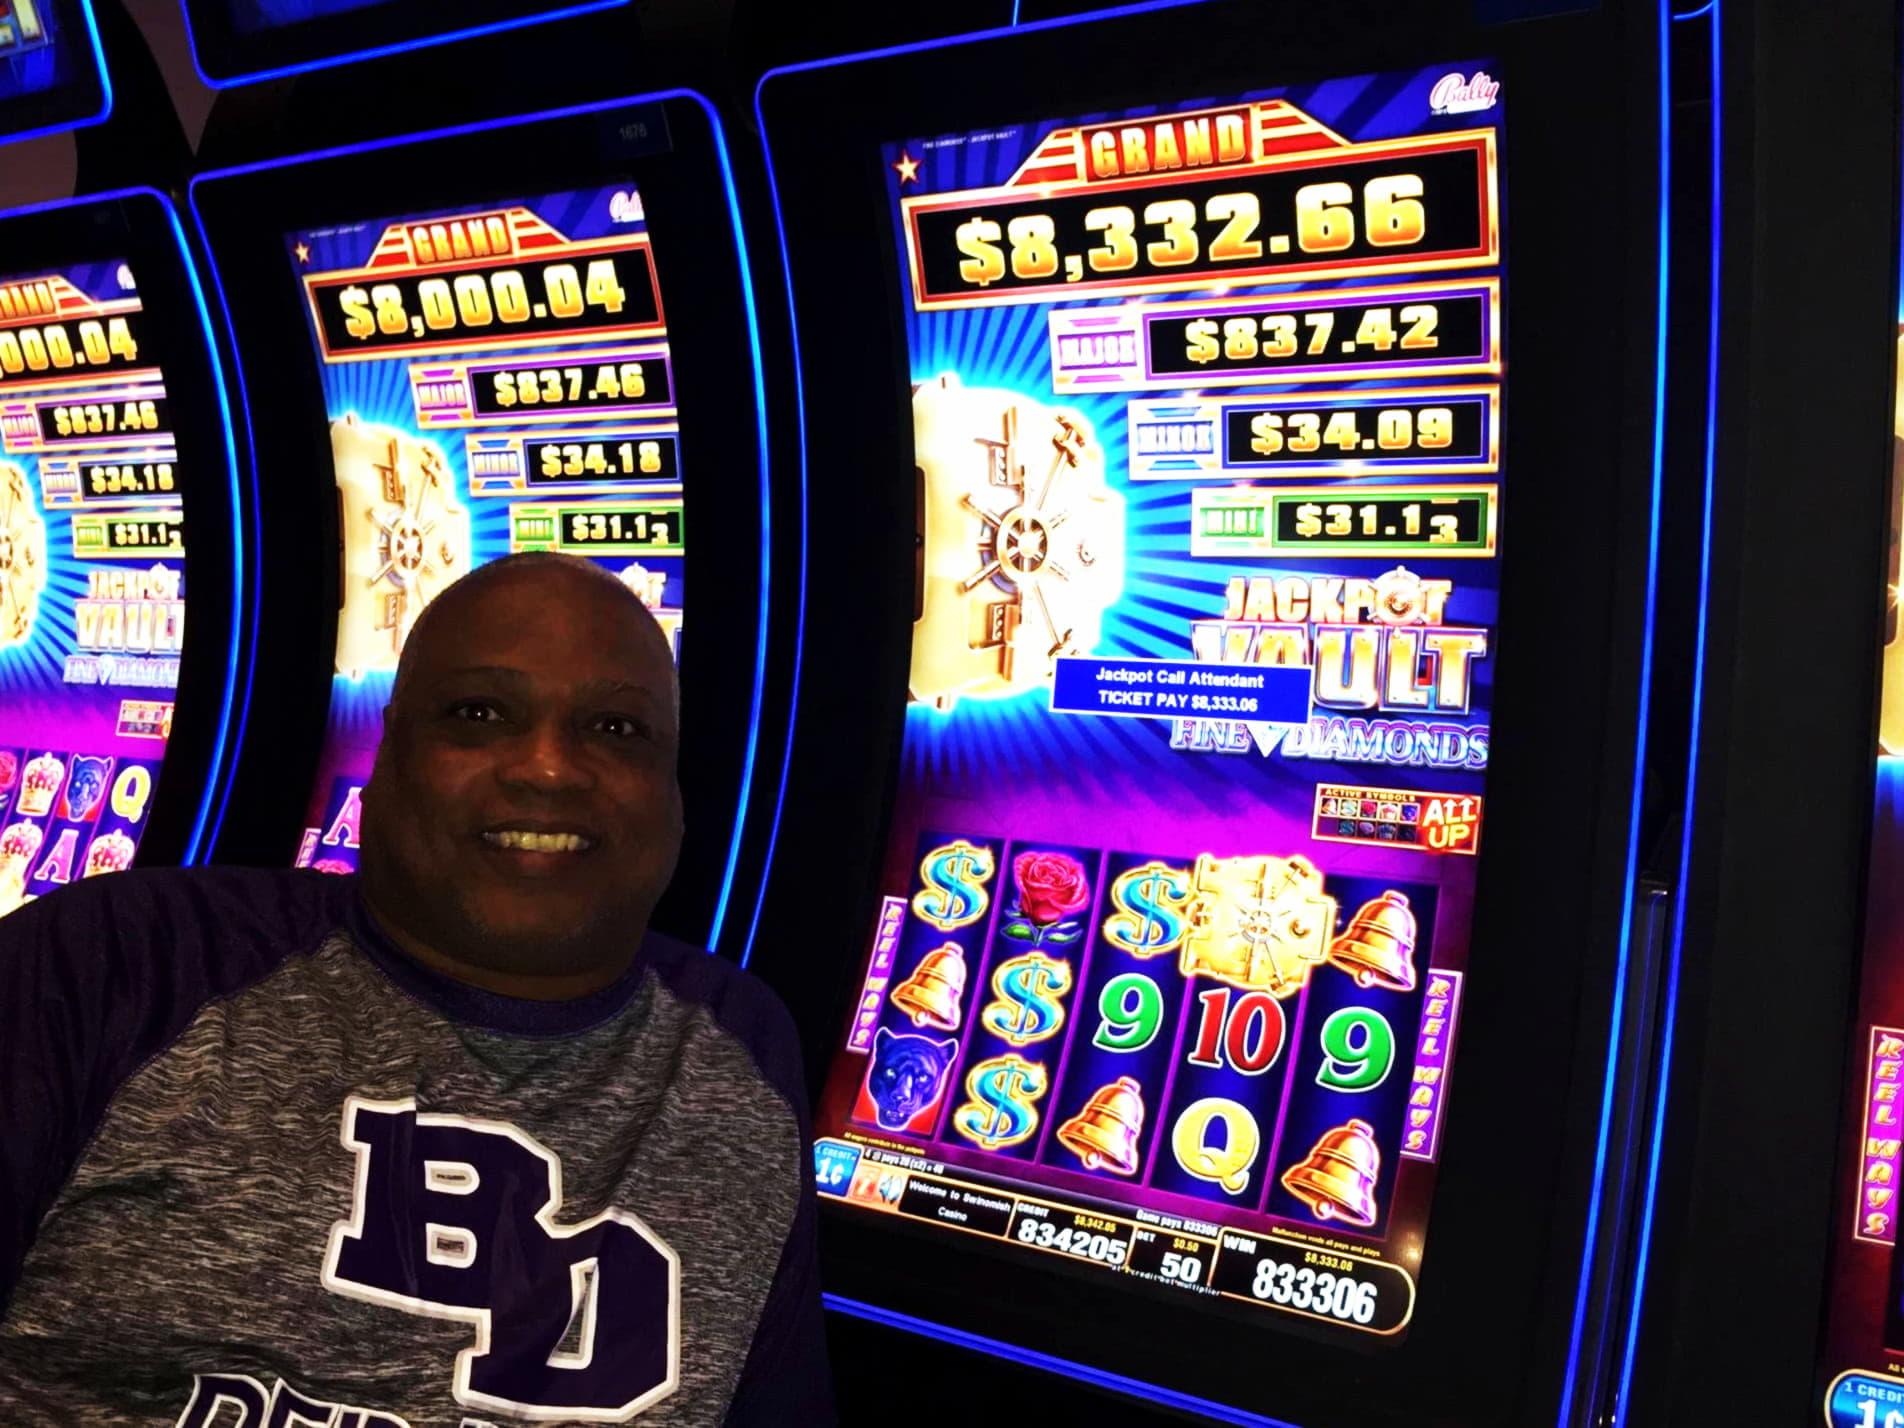 260% โบนัสเงินฝากการแข่งขันที่ Desert Nights Casino